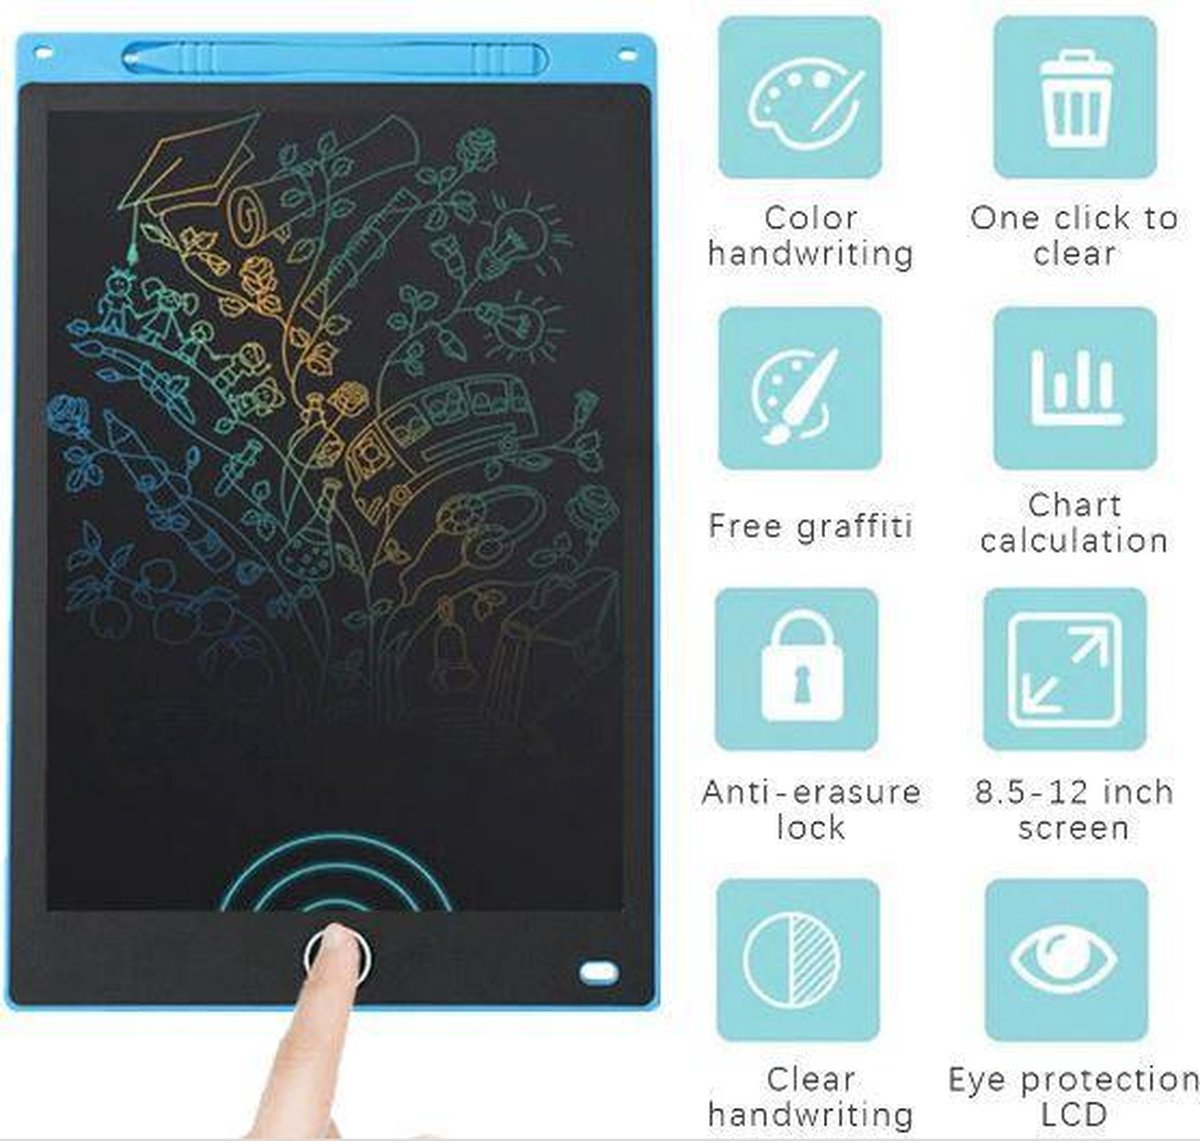 Tablet 10 Inch Blauw Lcd Schrijven Elektronische Digitale Graphics Tekentafel Doodle Pad Met Stylus Pen Draagbare Gift